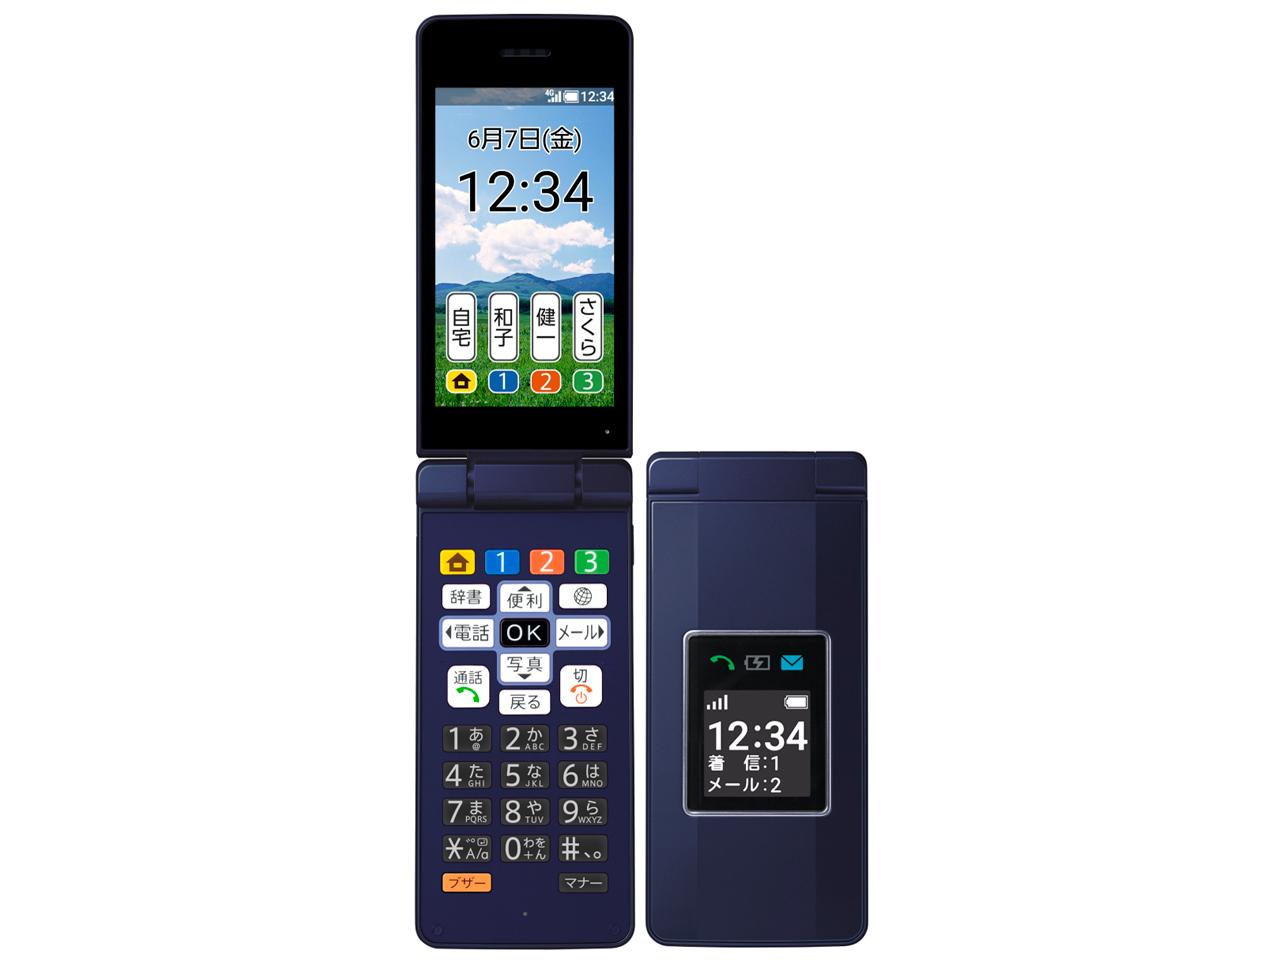 かんたん携帯10 [ネイビー] の製品画像